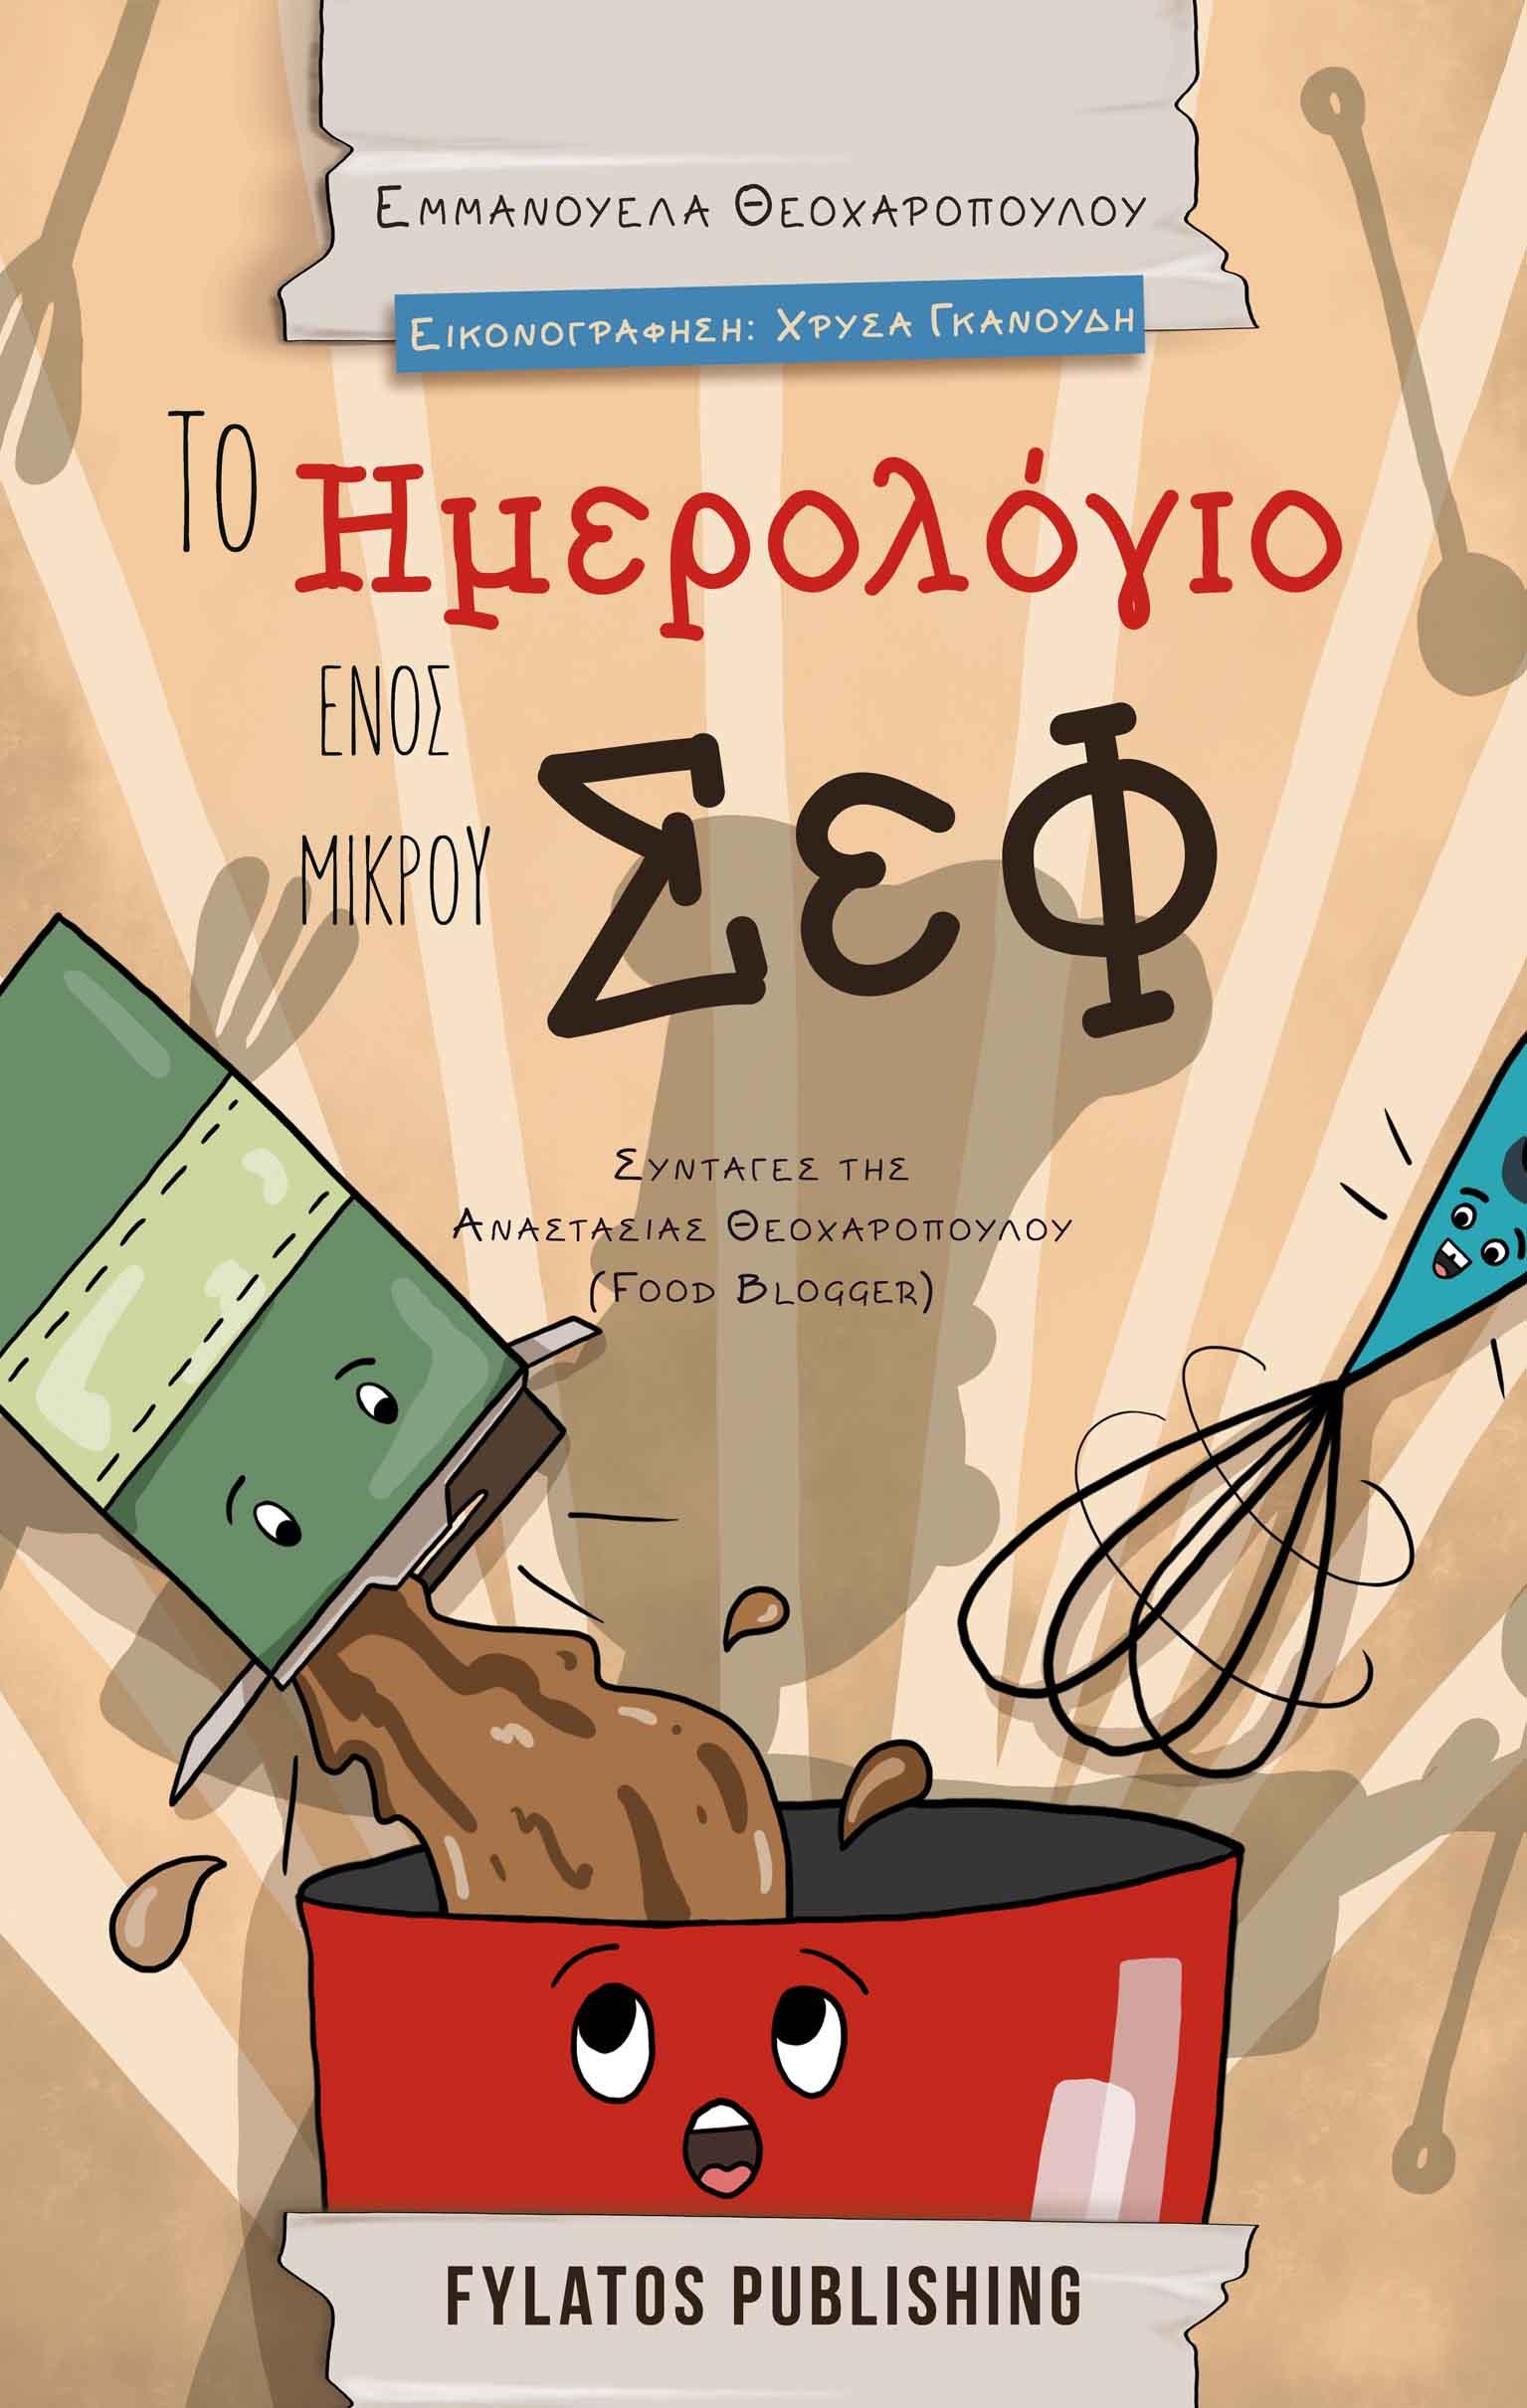 Το βιβλiο μας